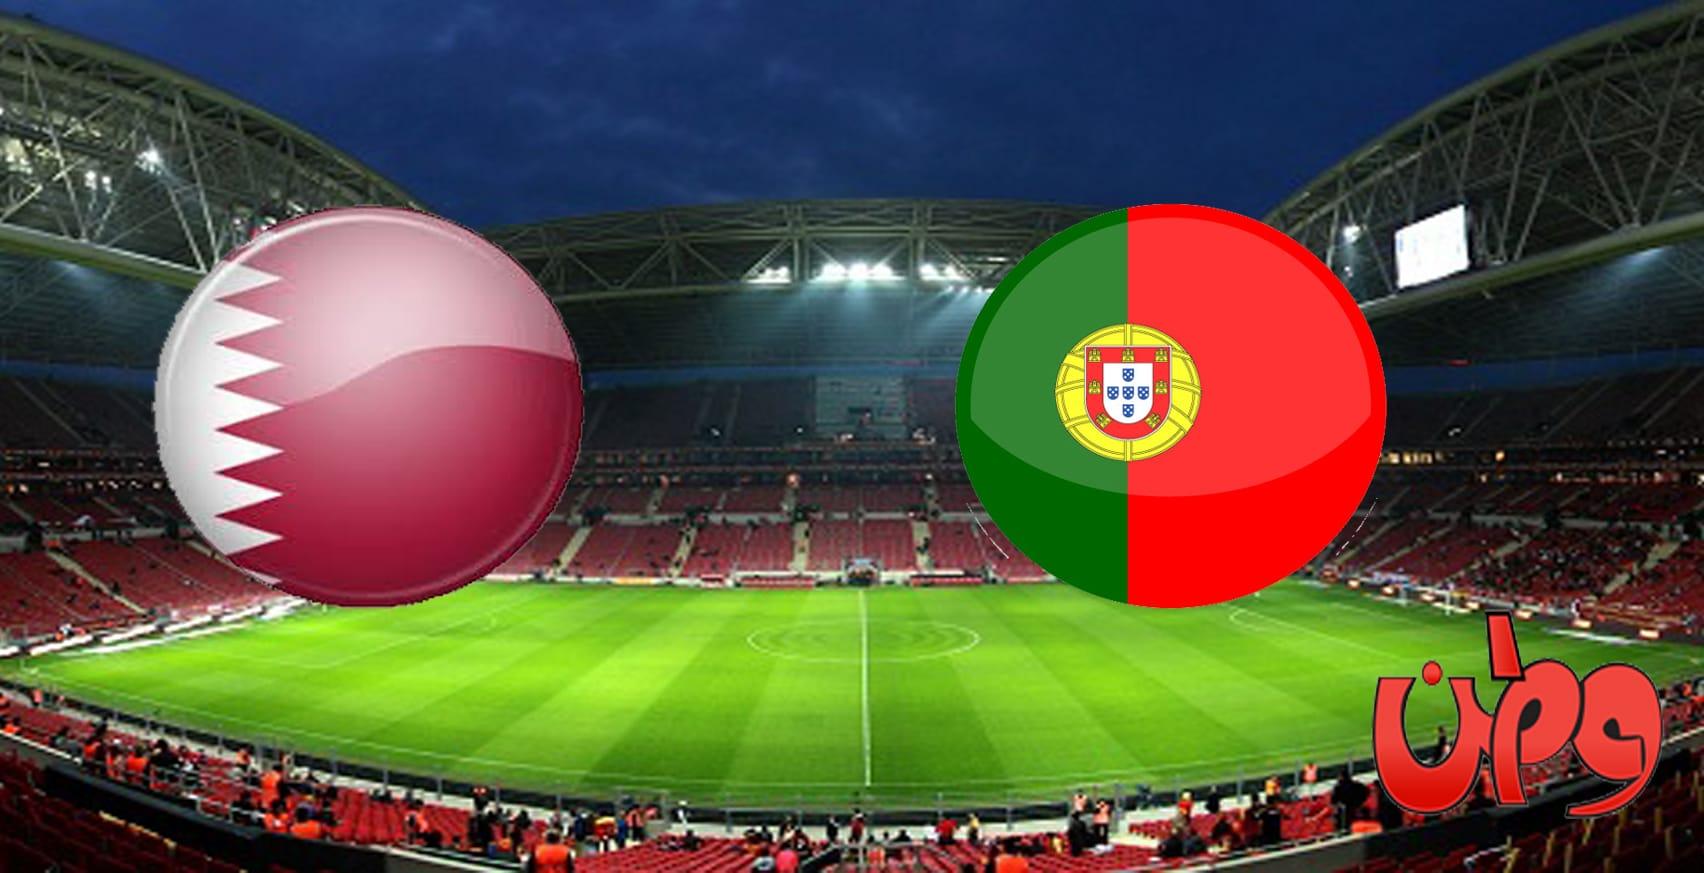 مباراة منتخب قطر والبرتغال في تصفيات مونديال كأس العالم 2022